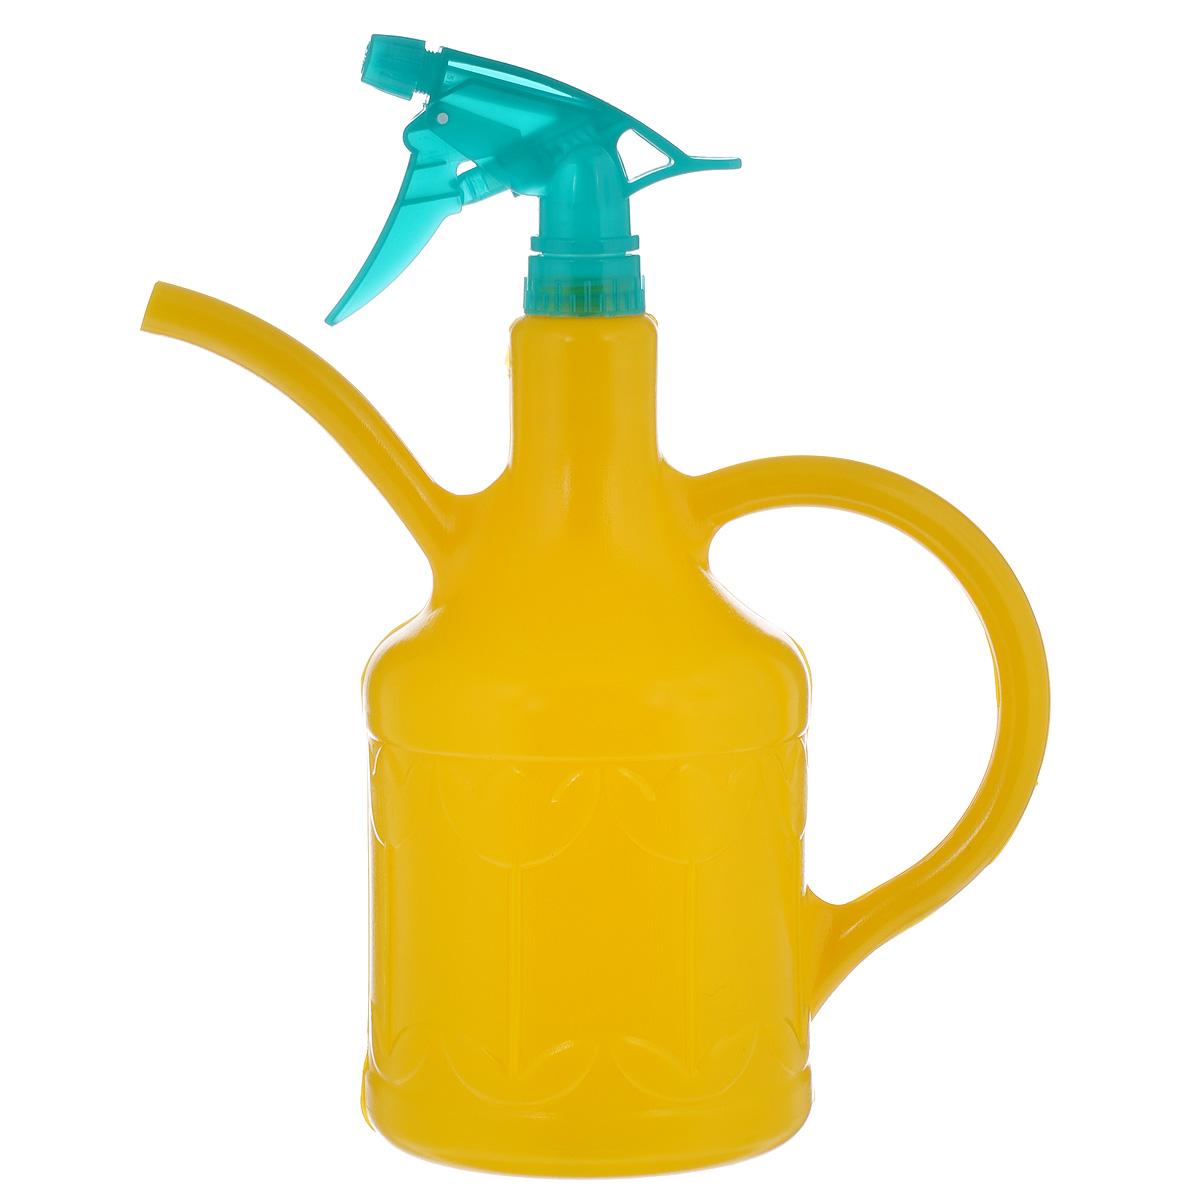 Лейка-опрыскиватель Кострома пластик Тюльпан, цвет: желтый, 1,8 л787502Лейка-опрыскиватель Тюльпан выполнена из высококачественного пластика и оформлена рельефным цветочным рисунком. Ее можно использовать для полива, так как она оснащена носиком и удобной ручкой. Также изделие снабжено распылителем для опрыскивания растений.